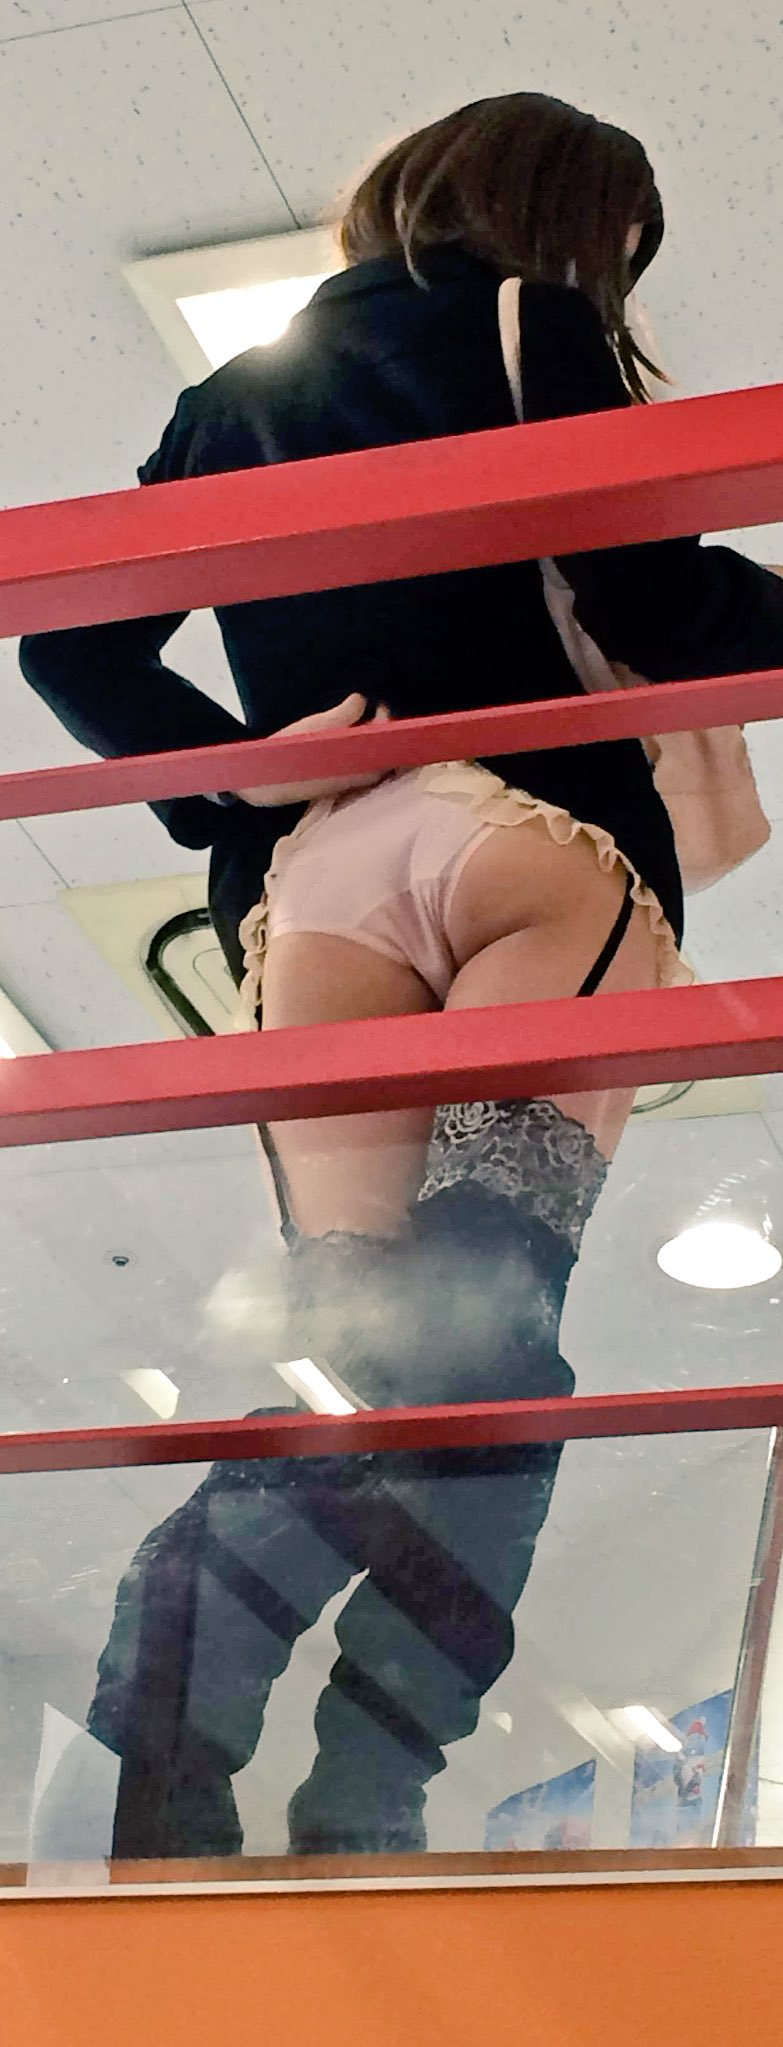 img 60fcffdade92b - 【画像】股間のもっこりが特徴的な男の娘たちのお尻がエロい!!